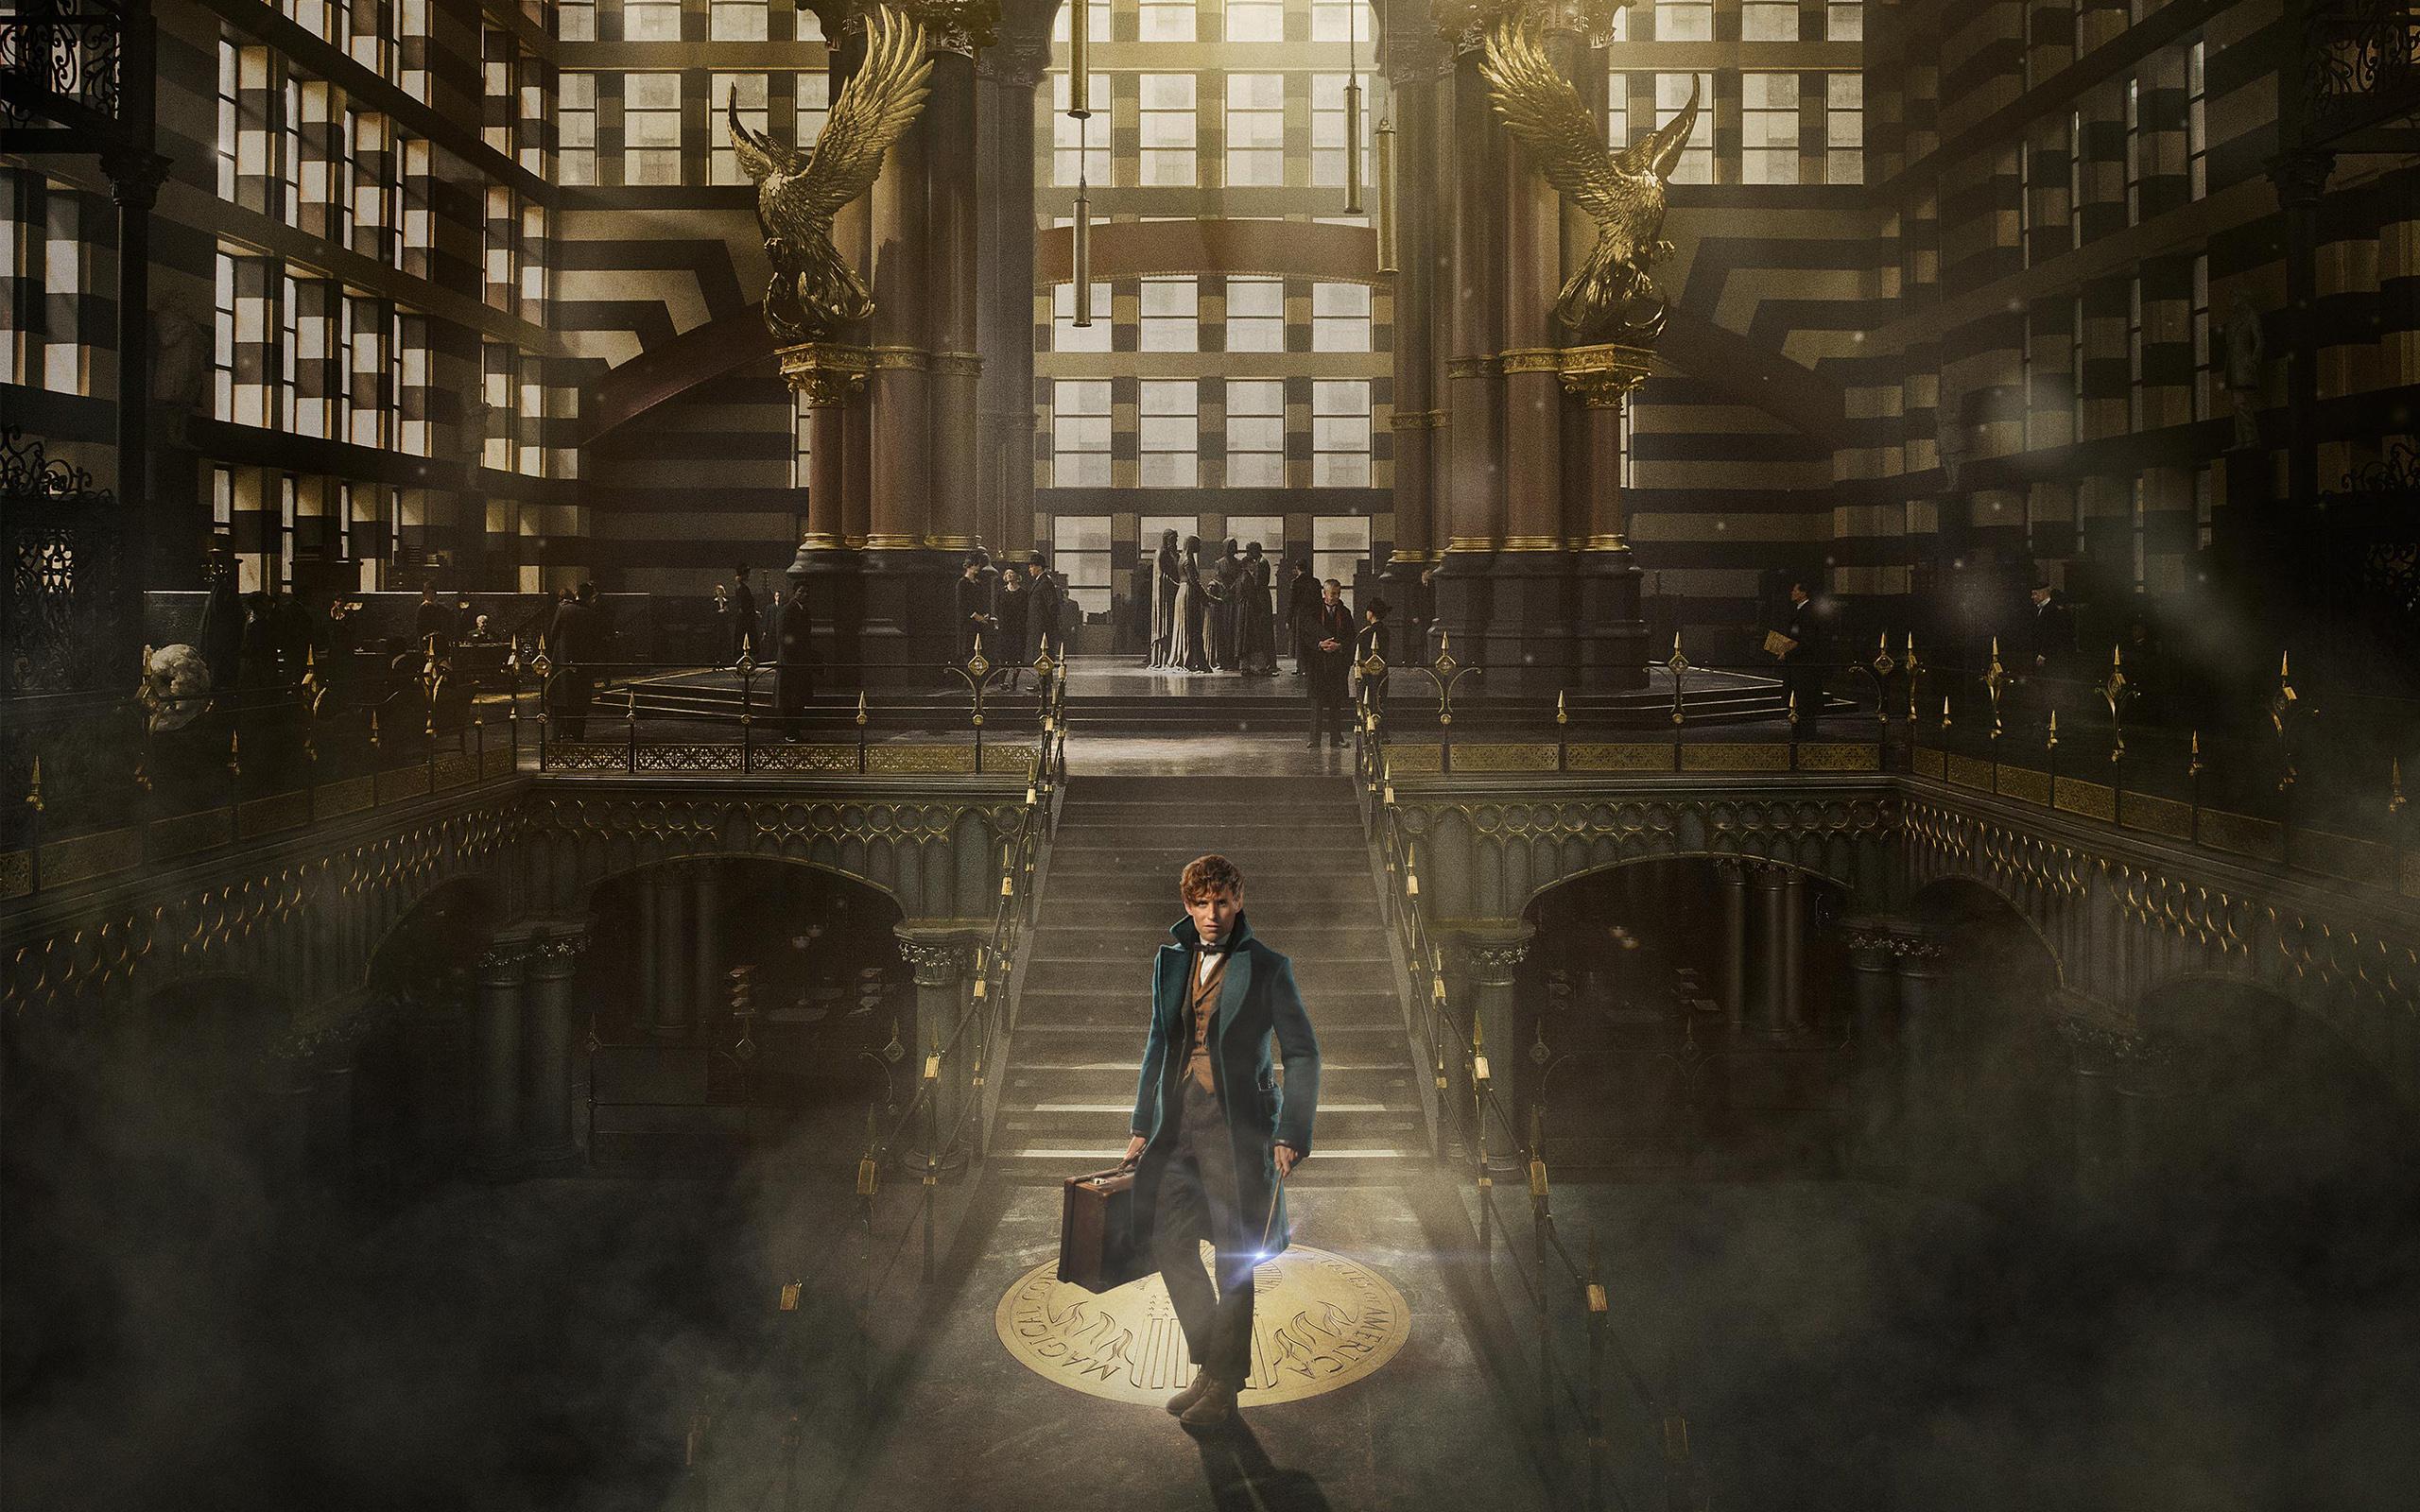 Fantastic Beasts and Where to Find Them – Chuyến tàu trở về với thế giới phù thủy đầy màu sắc - Ảnh 1.